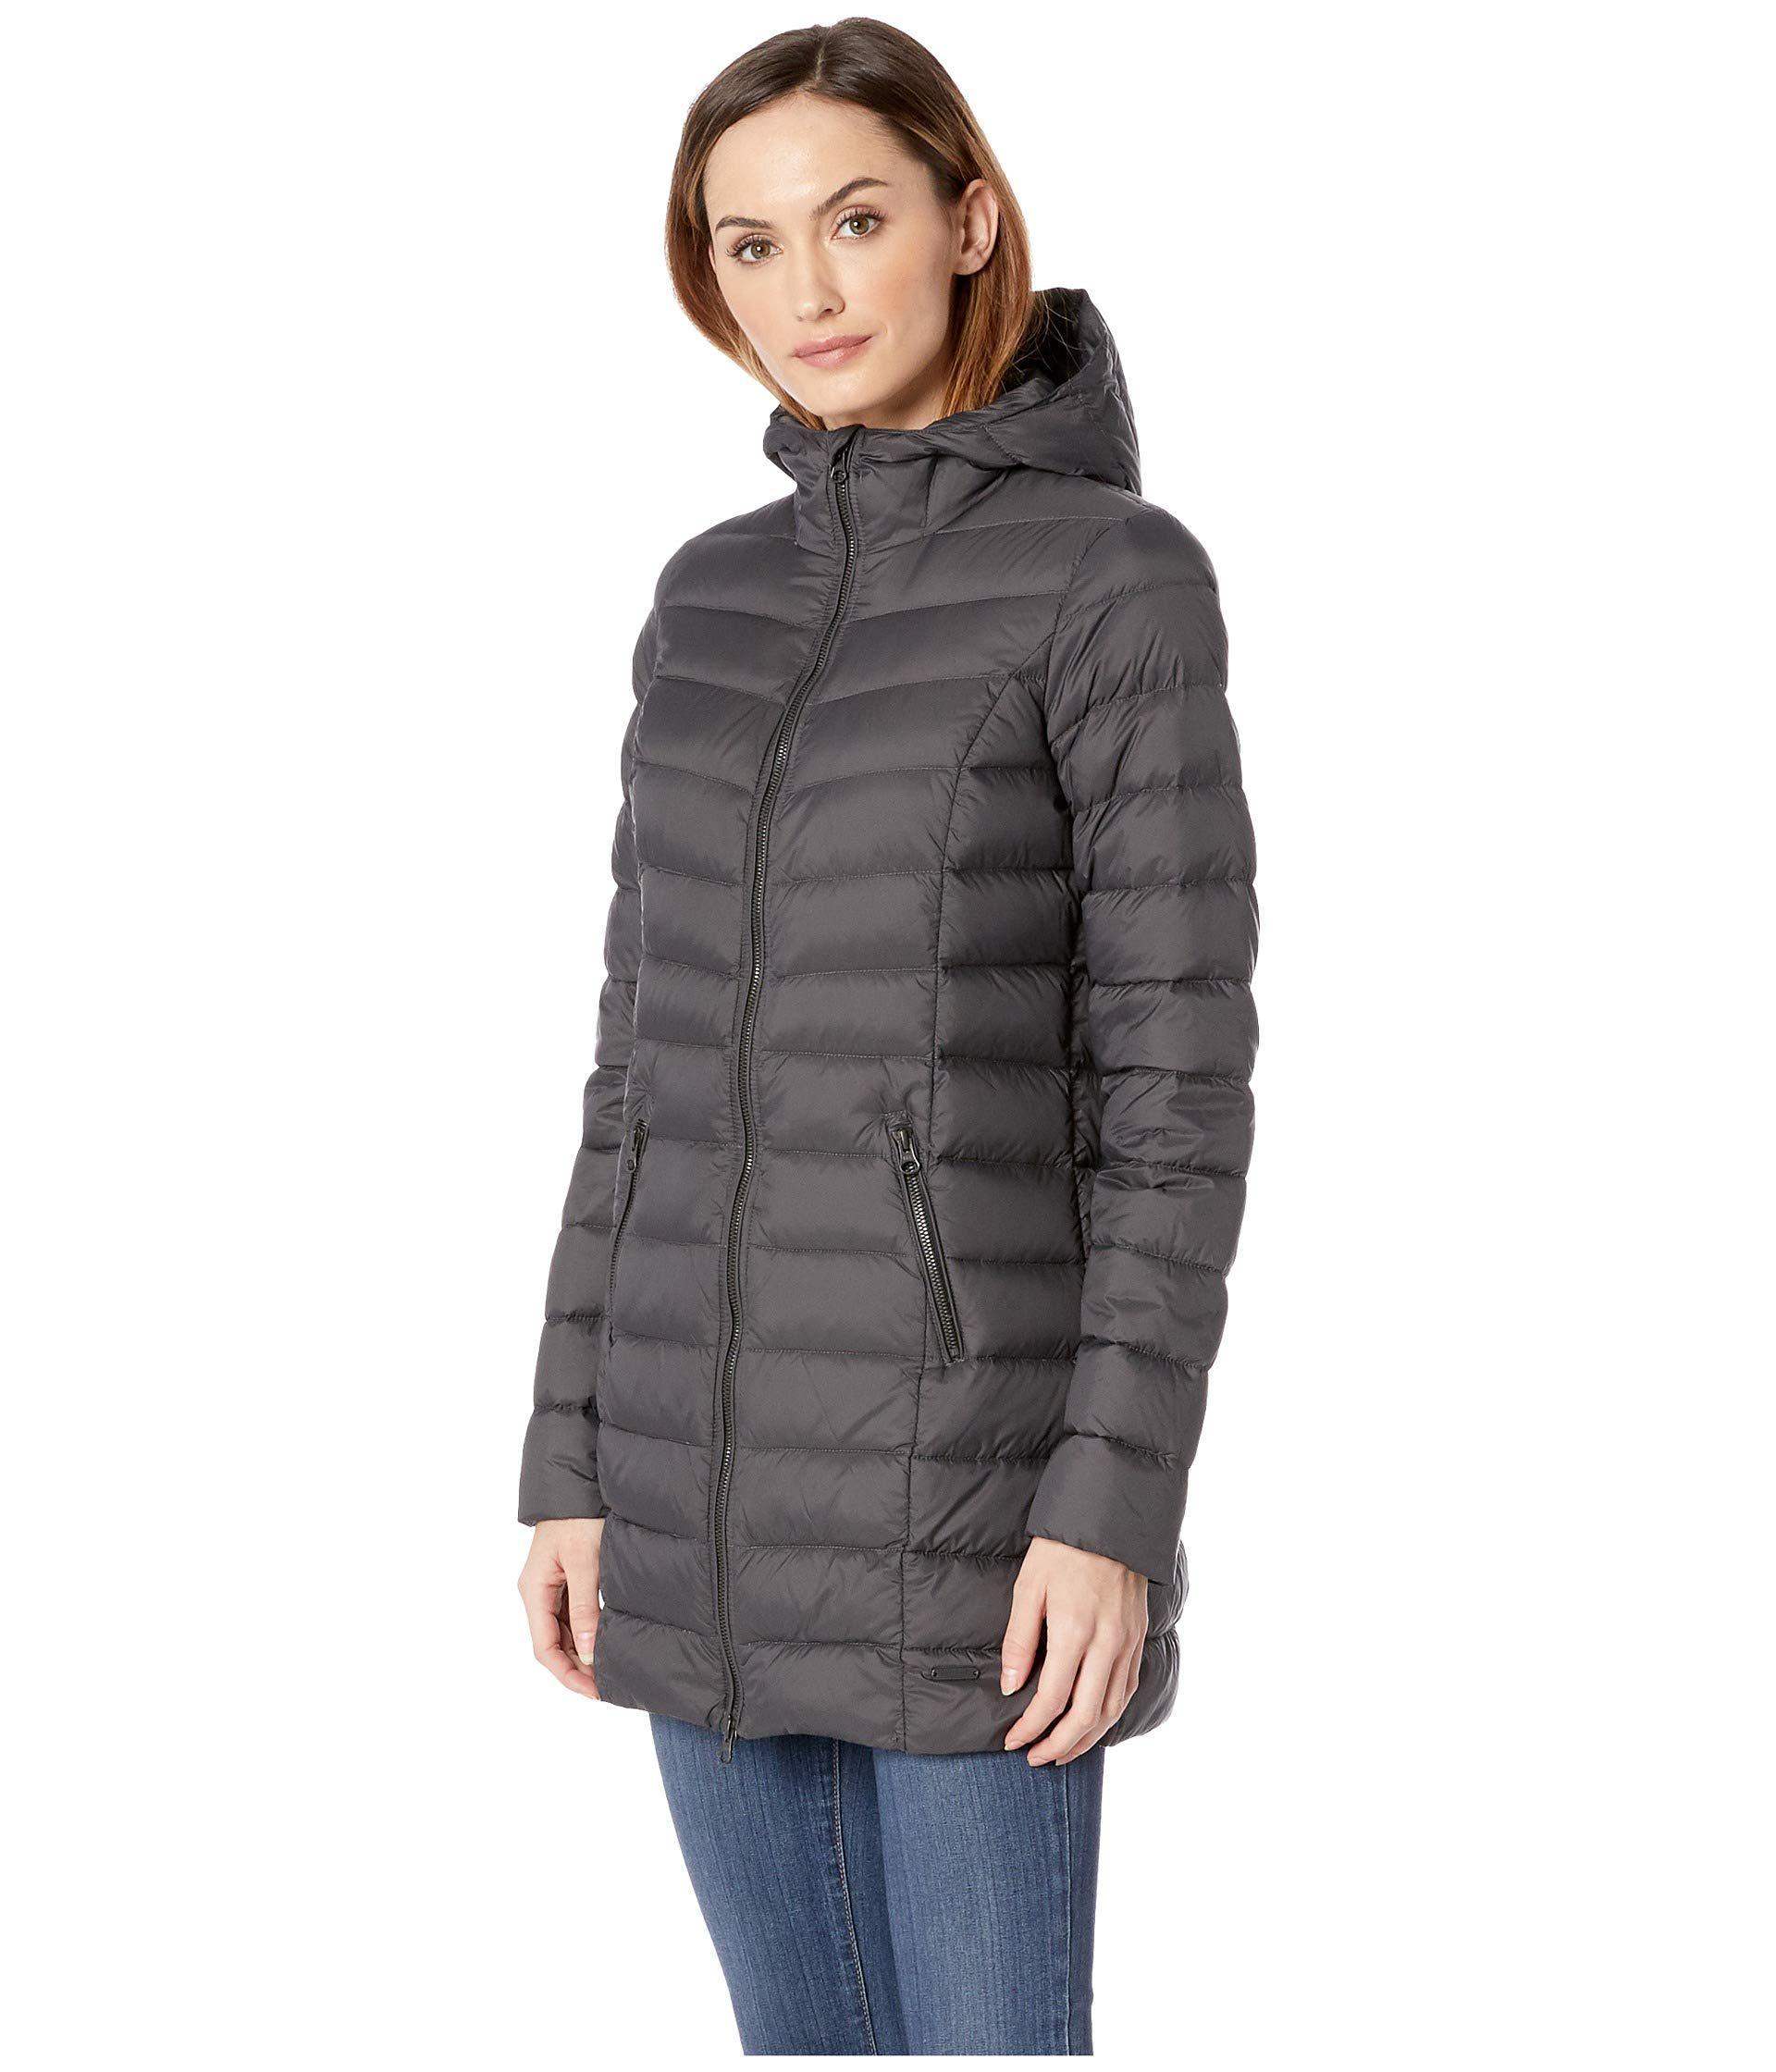 Lyst - Ilse Jacobsen Light Down Coat (dark Antracite) Women s Coat in Gray 1689da9a62